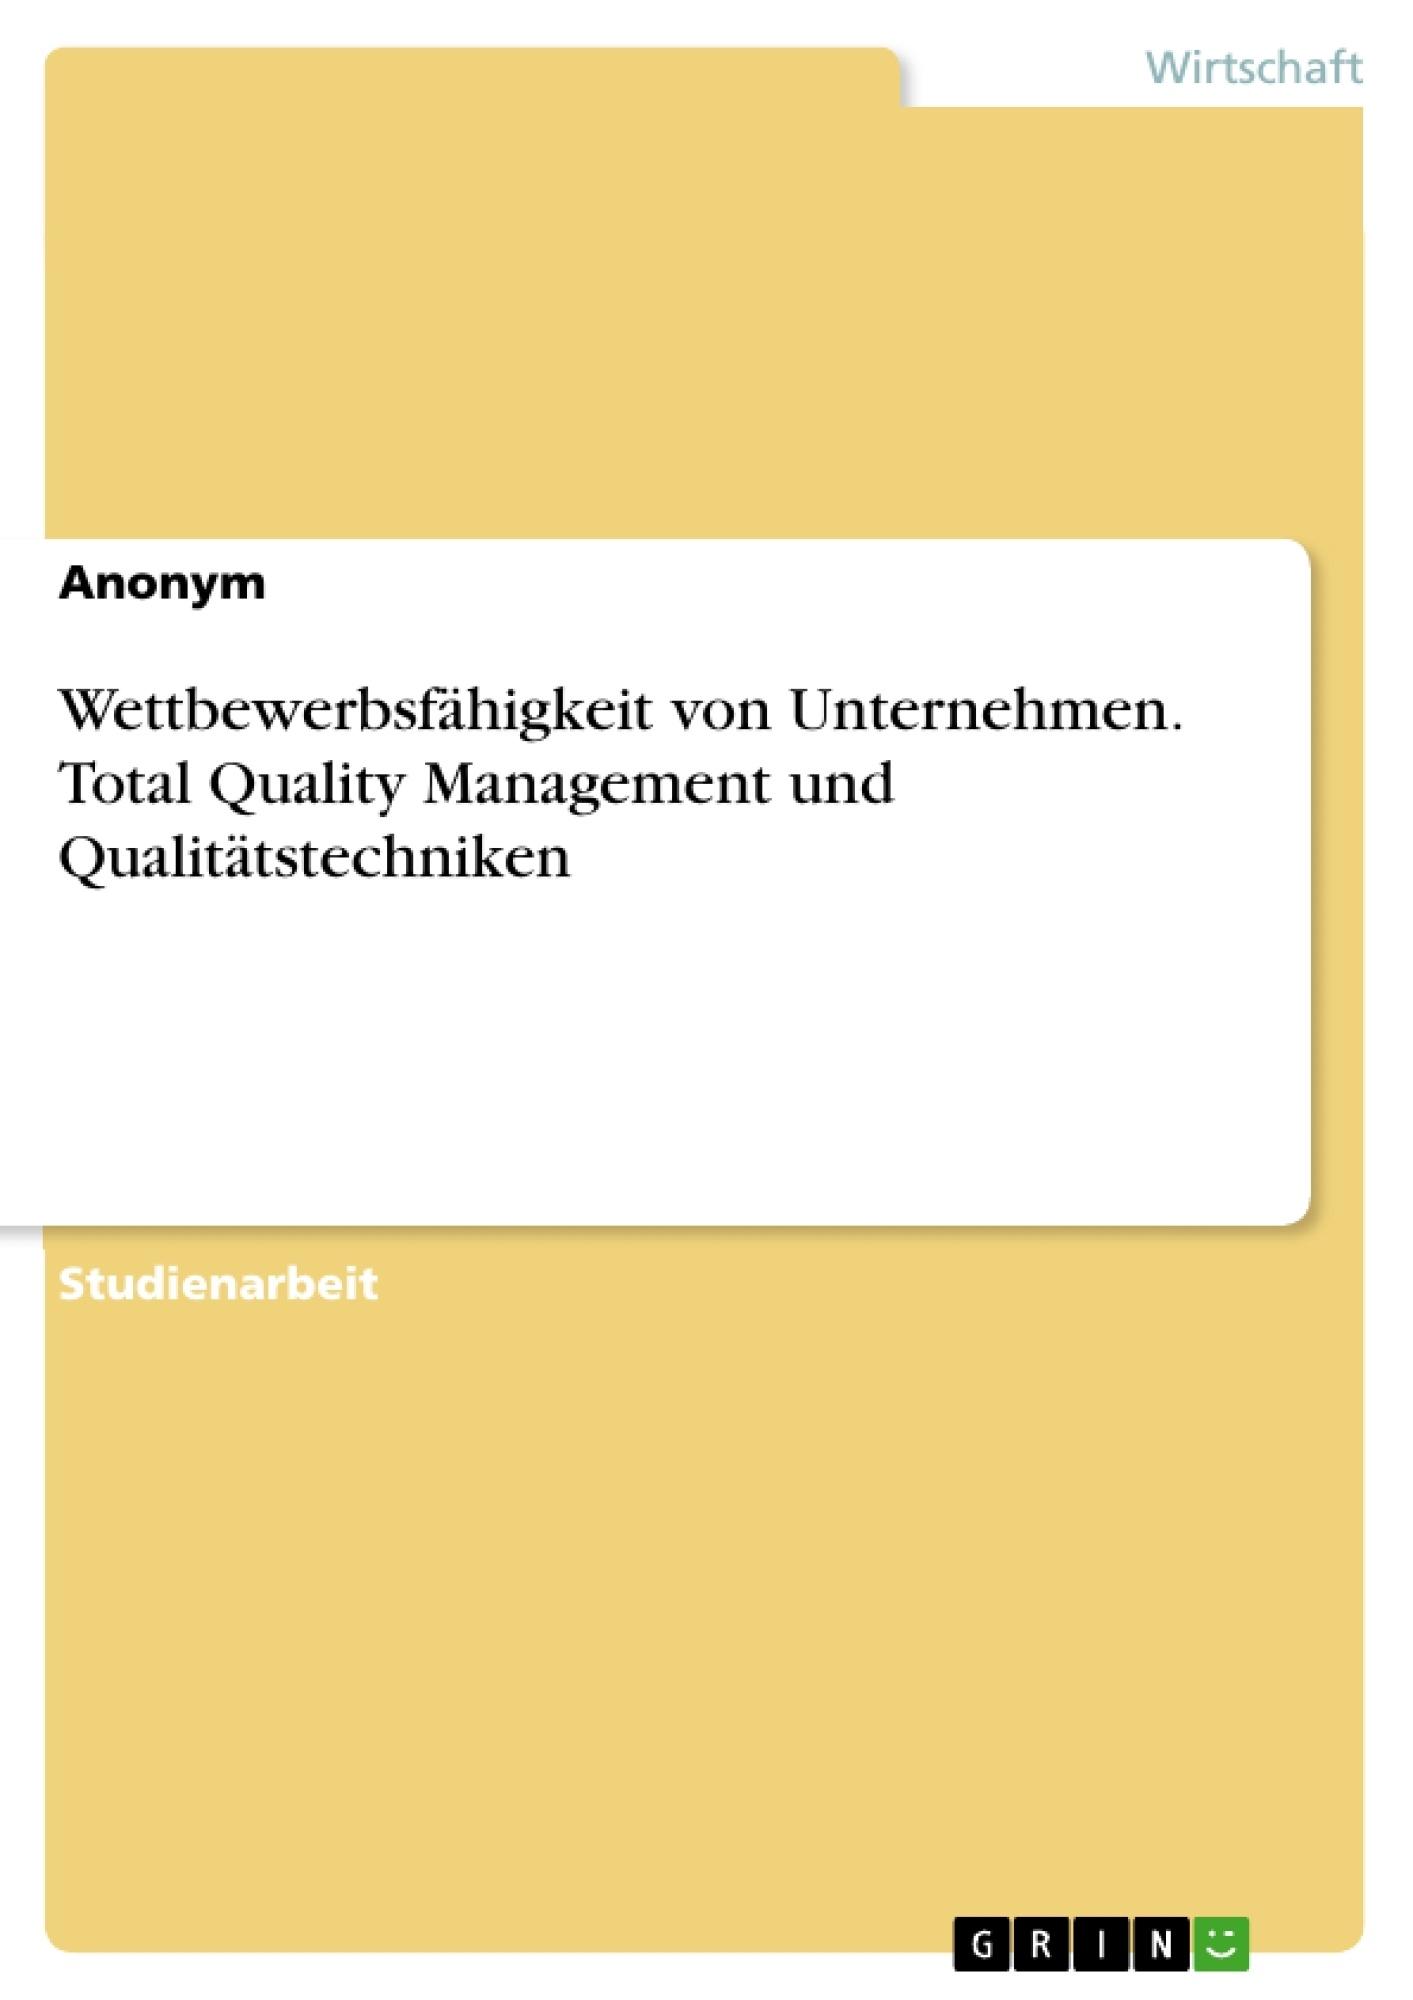 Titel: Wettbewerbsfähigkeit von Unternehmen. Total Quality Management und Qualitätstechniken